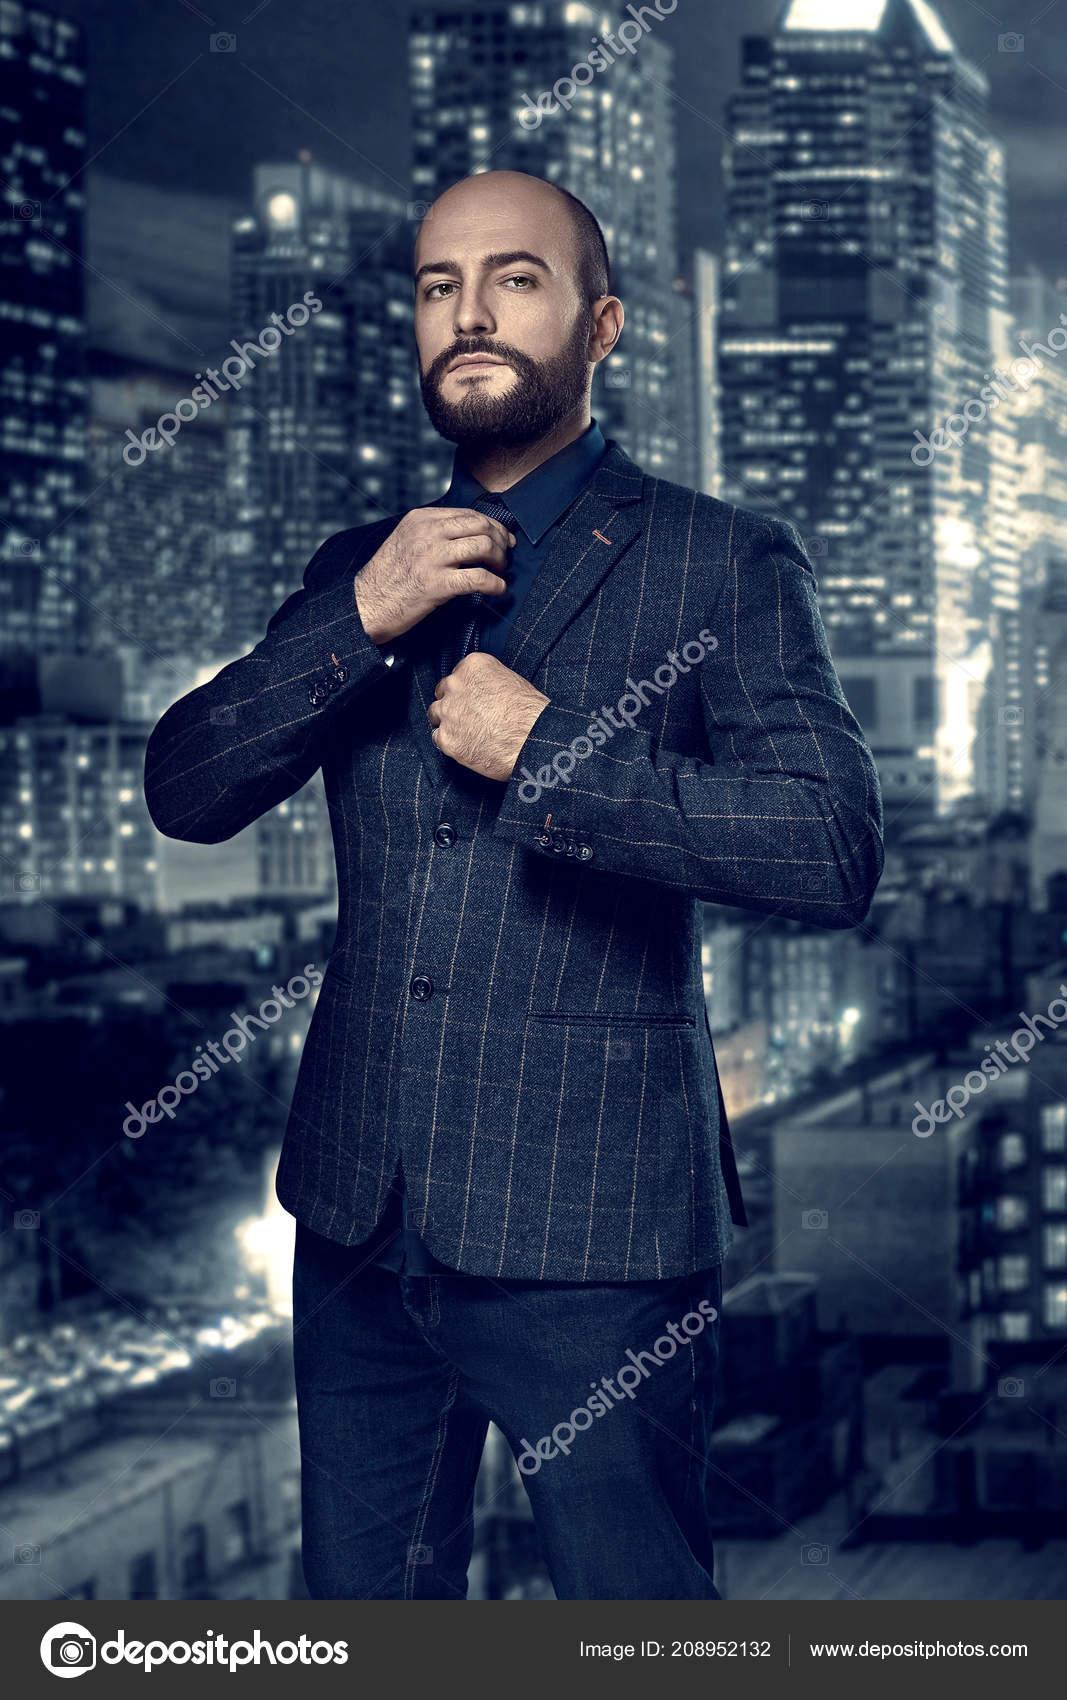 a6c97023b361d Film noir. Retrato da moda estilo retrô de um detetive ou assassino ...